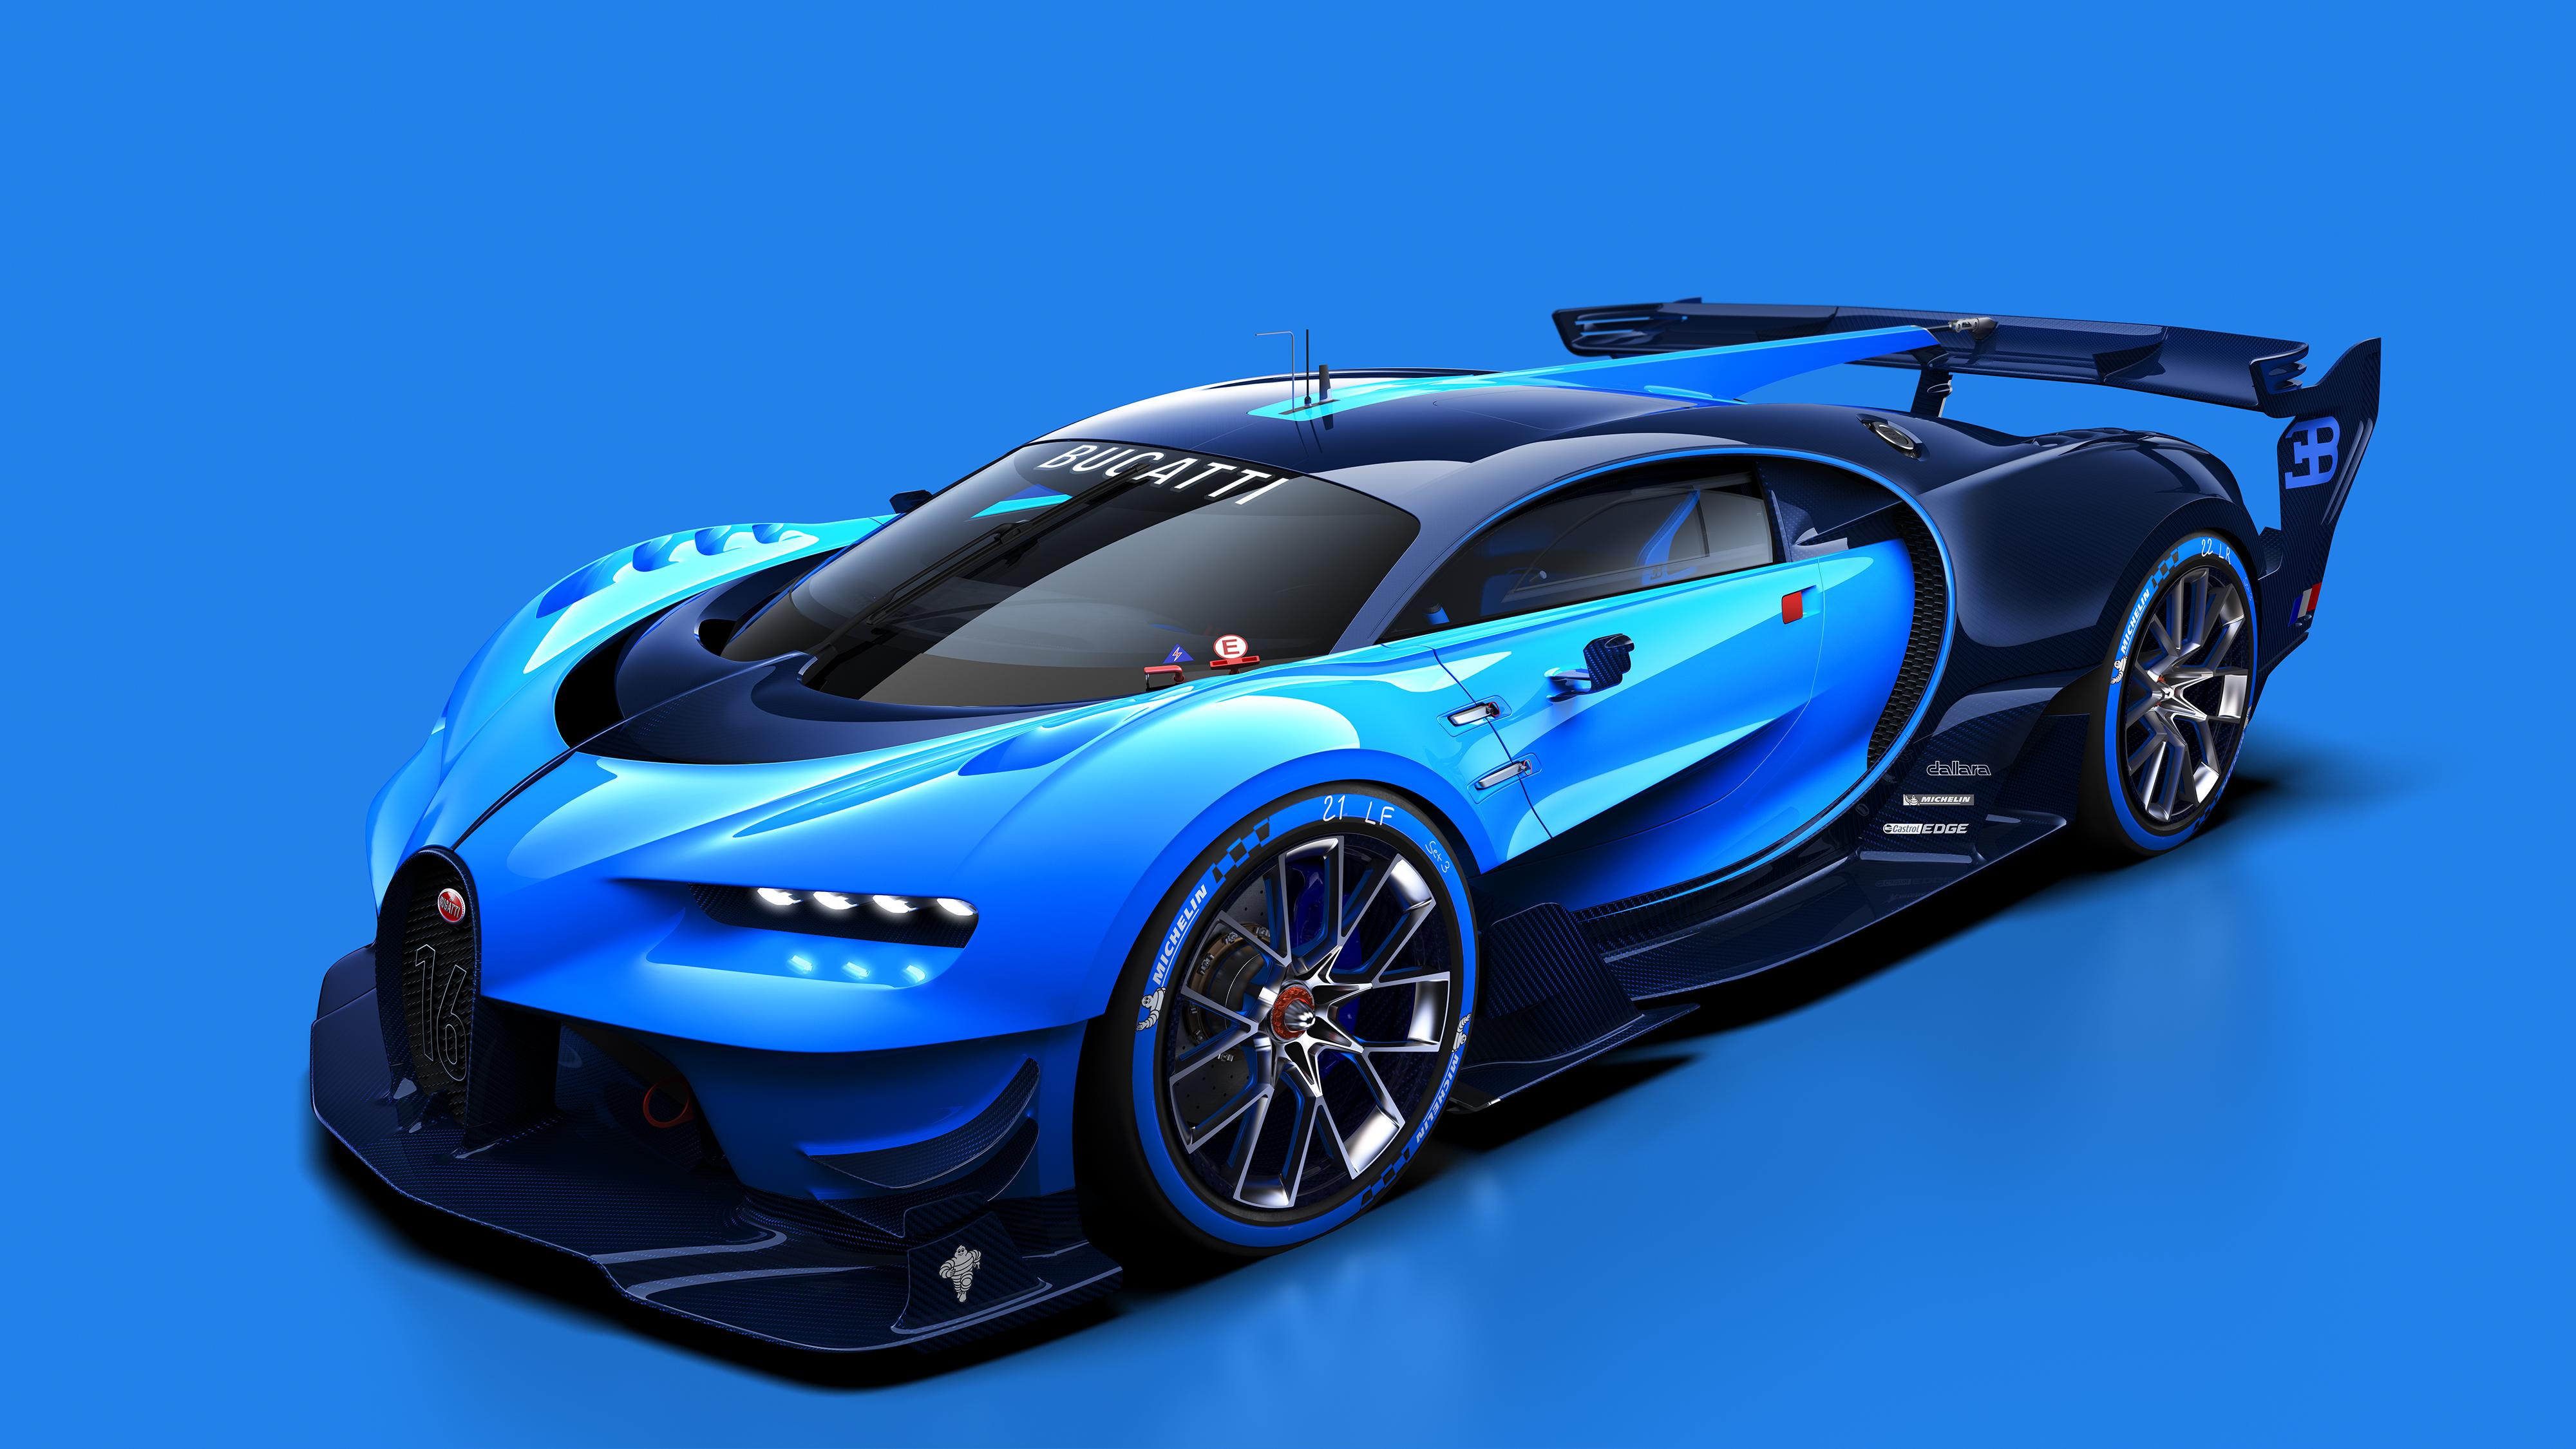 Bugatti - The Verge